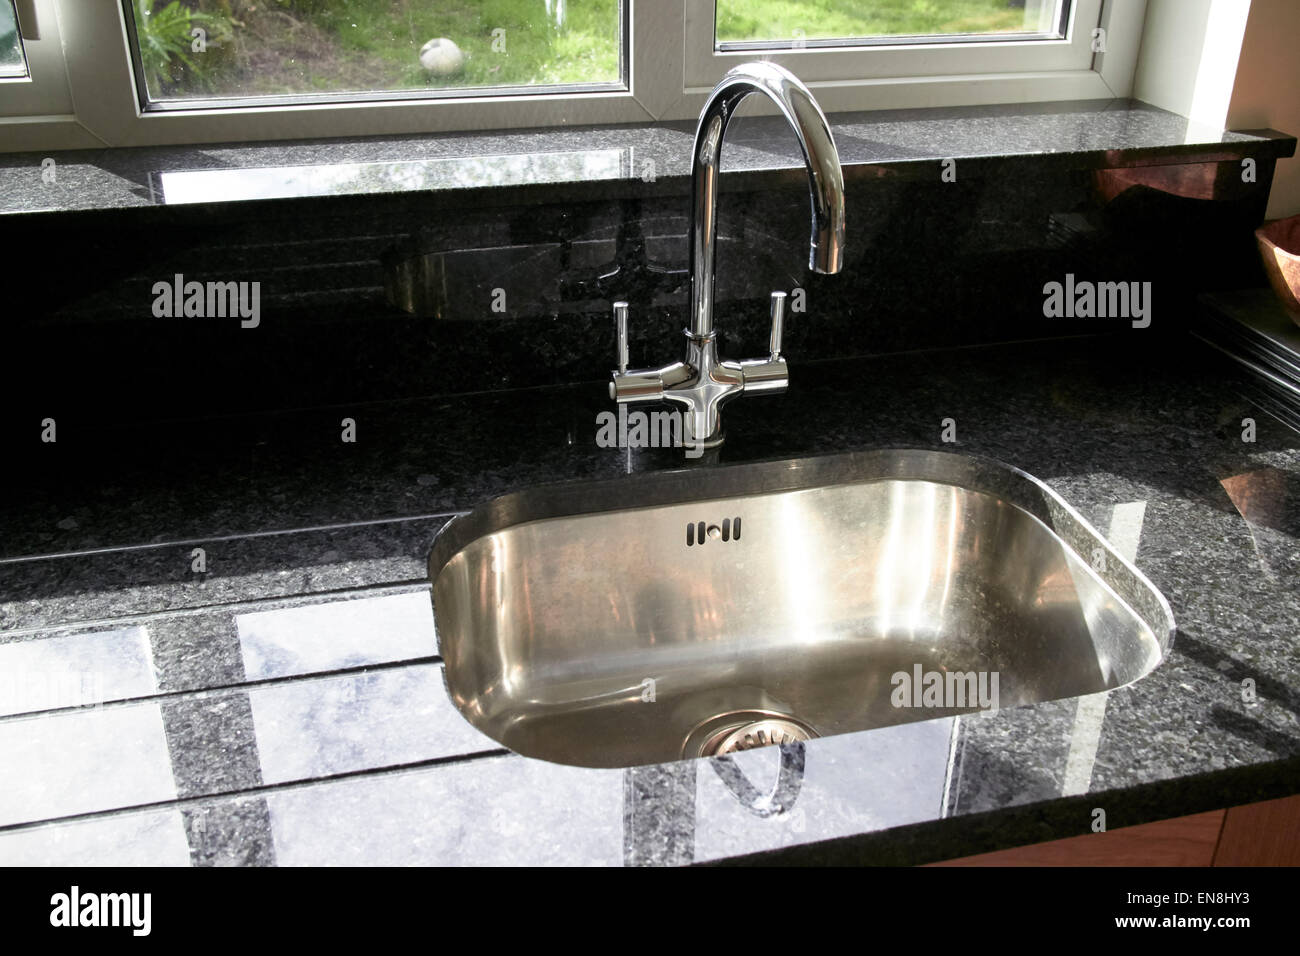 Spüle mit Granit-Arbeitsplatten in eine brandneue Küche Stockfoto ...